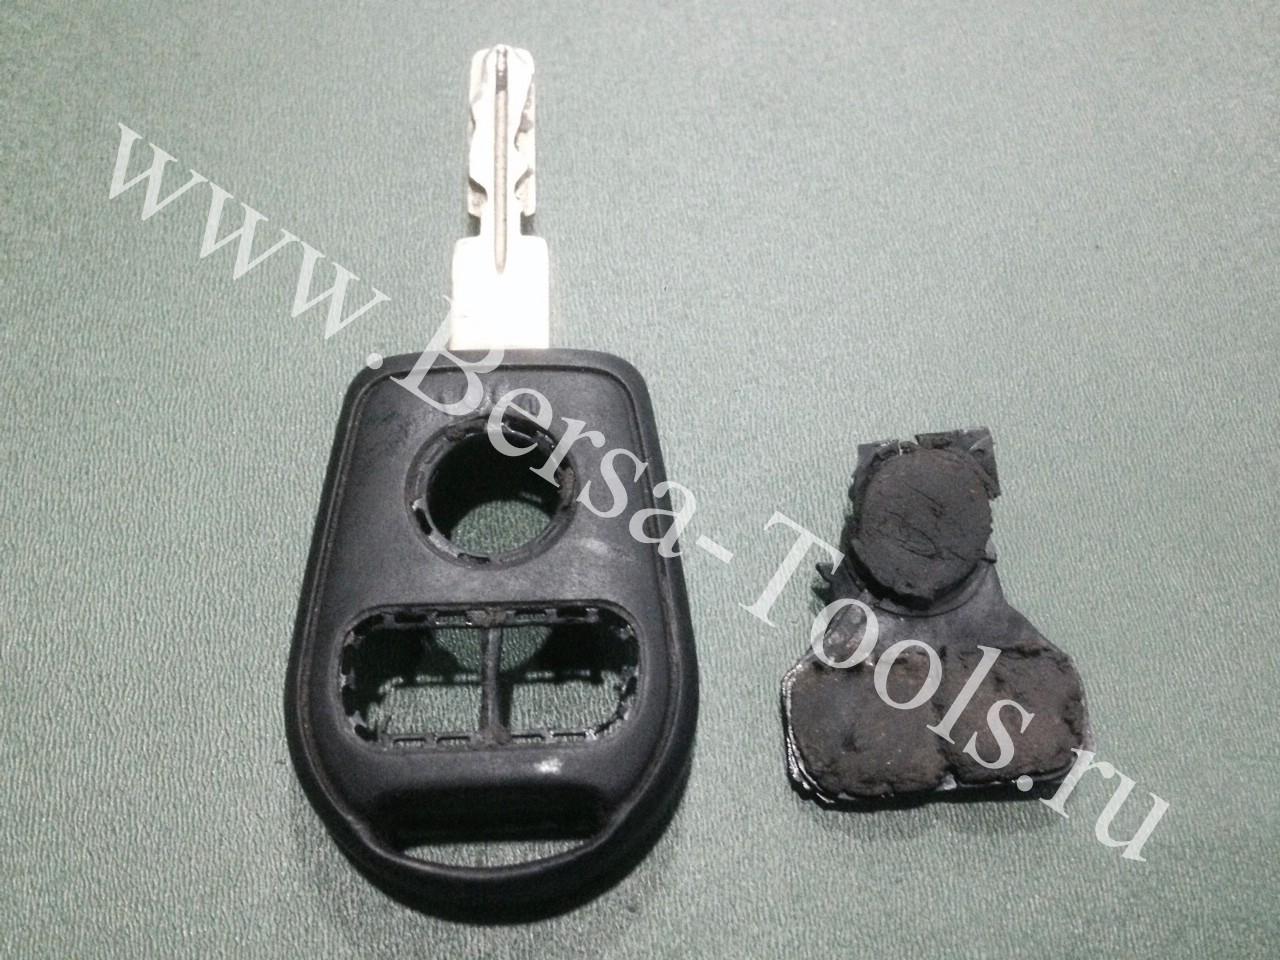 Замена конопок в ключе BMW e36 e38 e39 e53